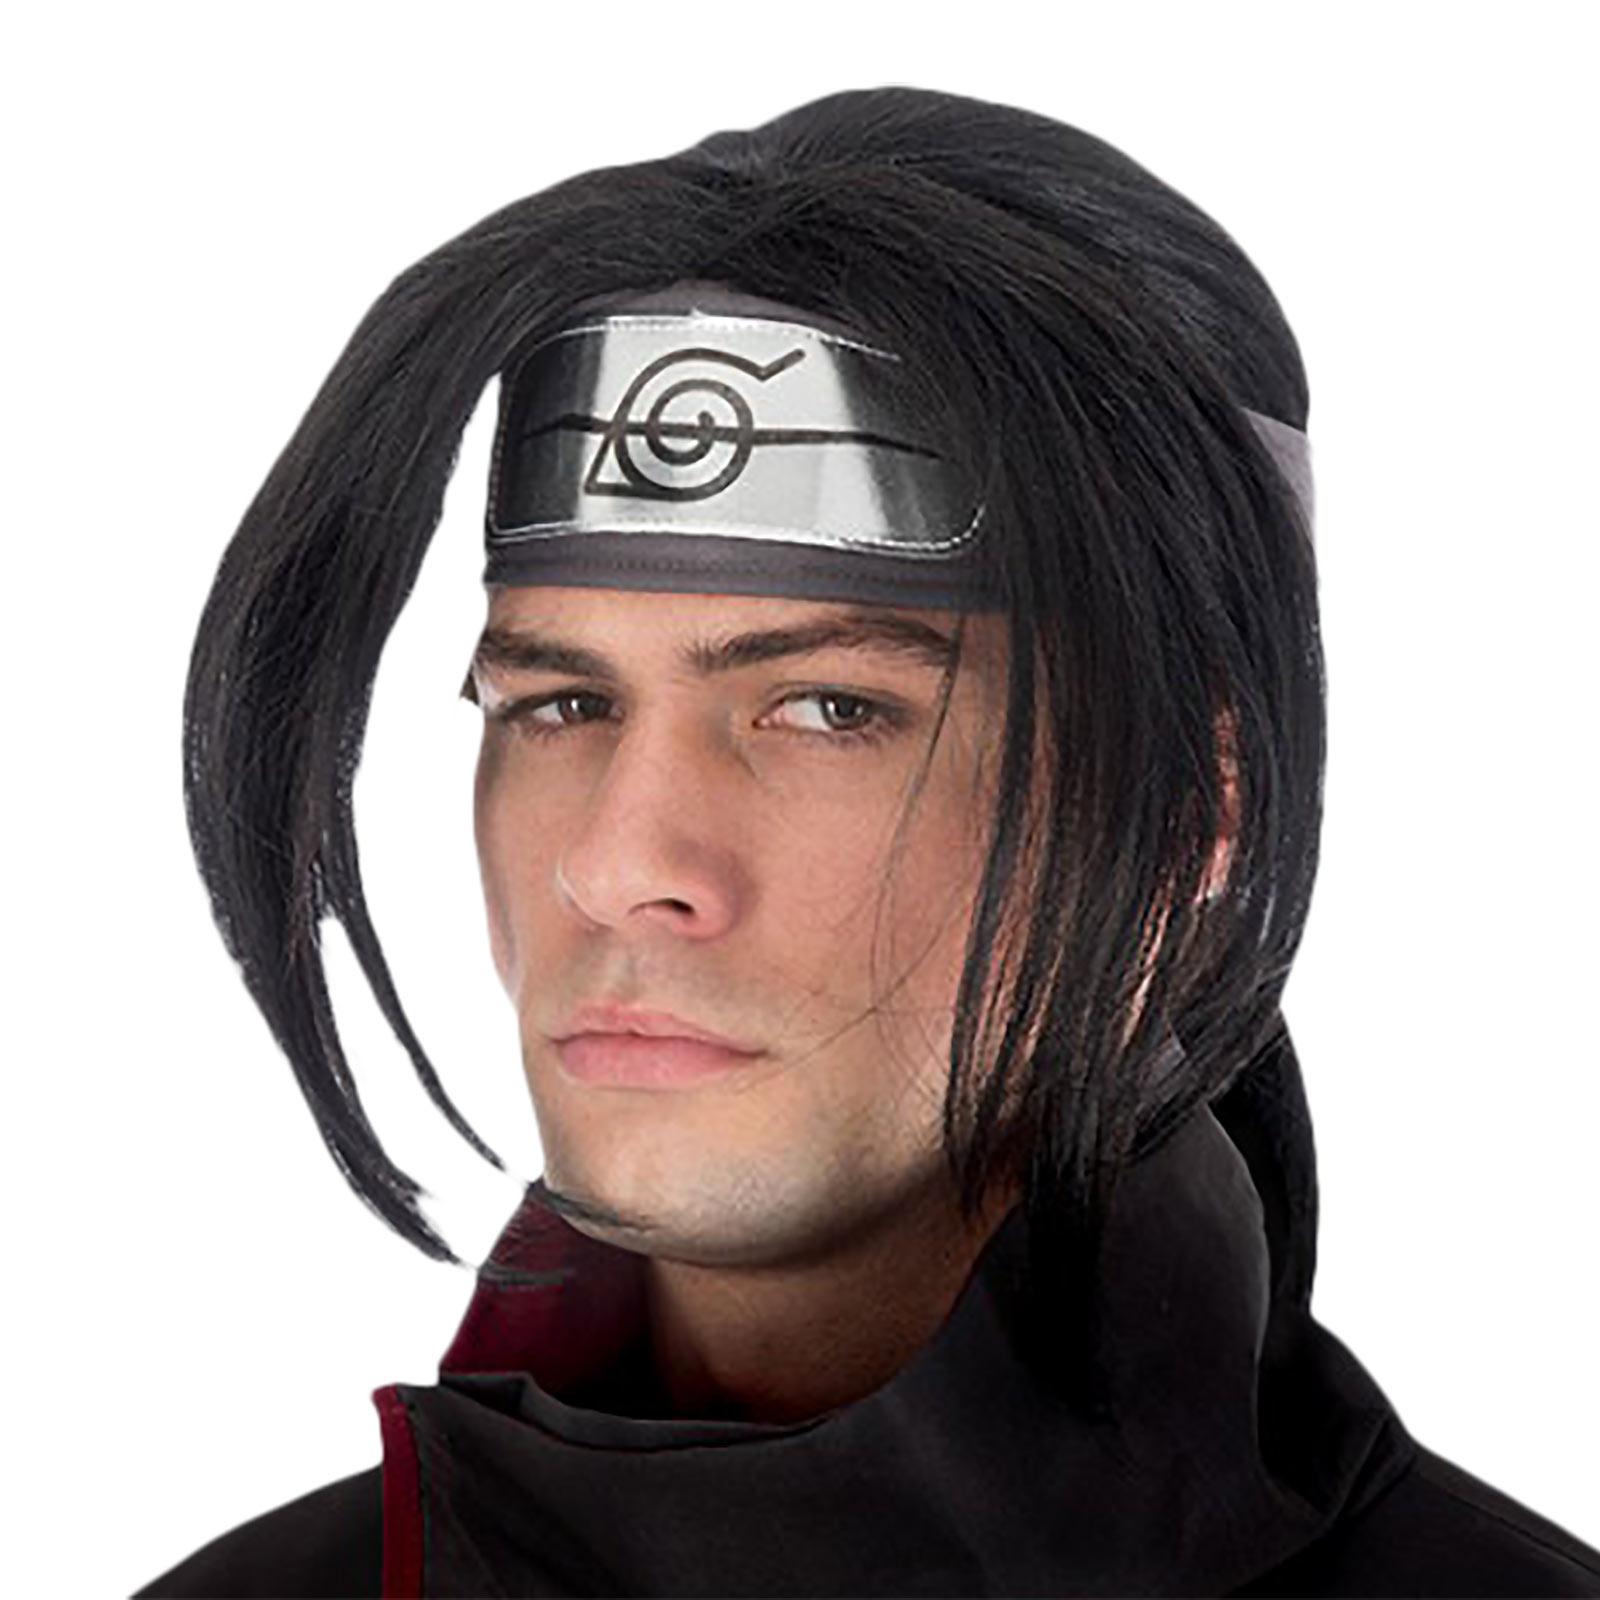 Naruto - Itachi Uchiha Perücke